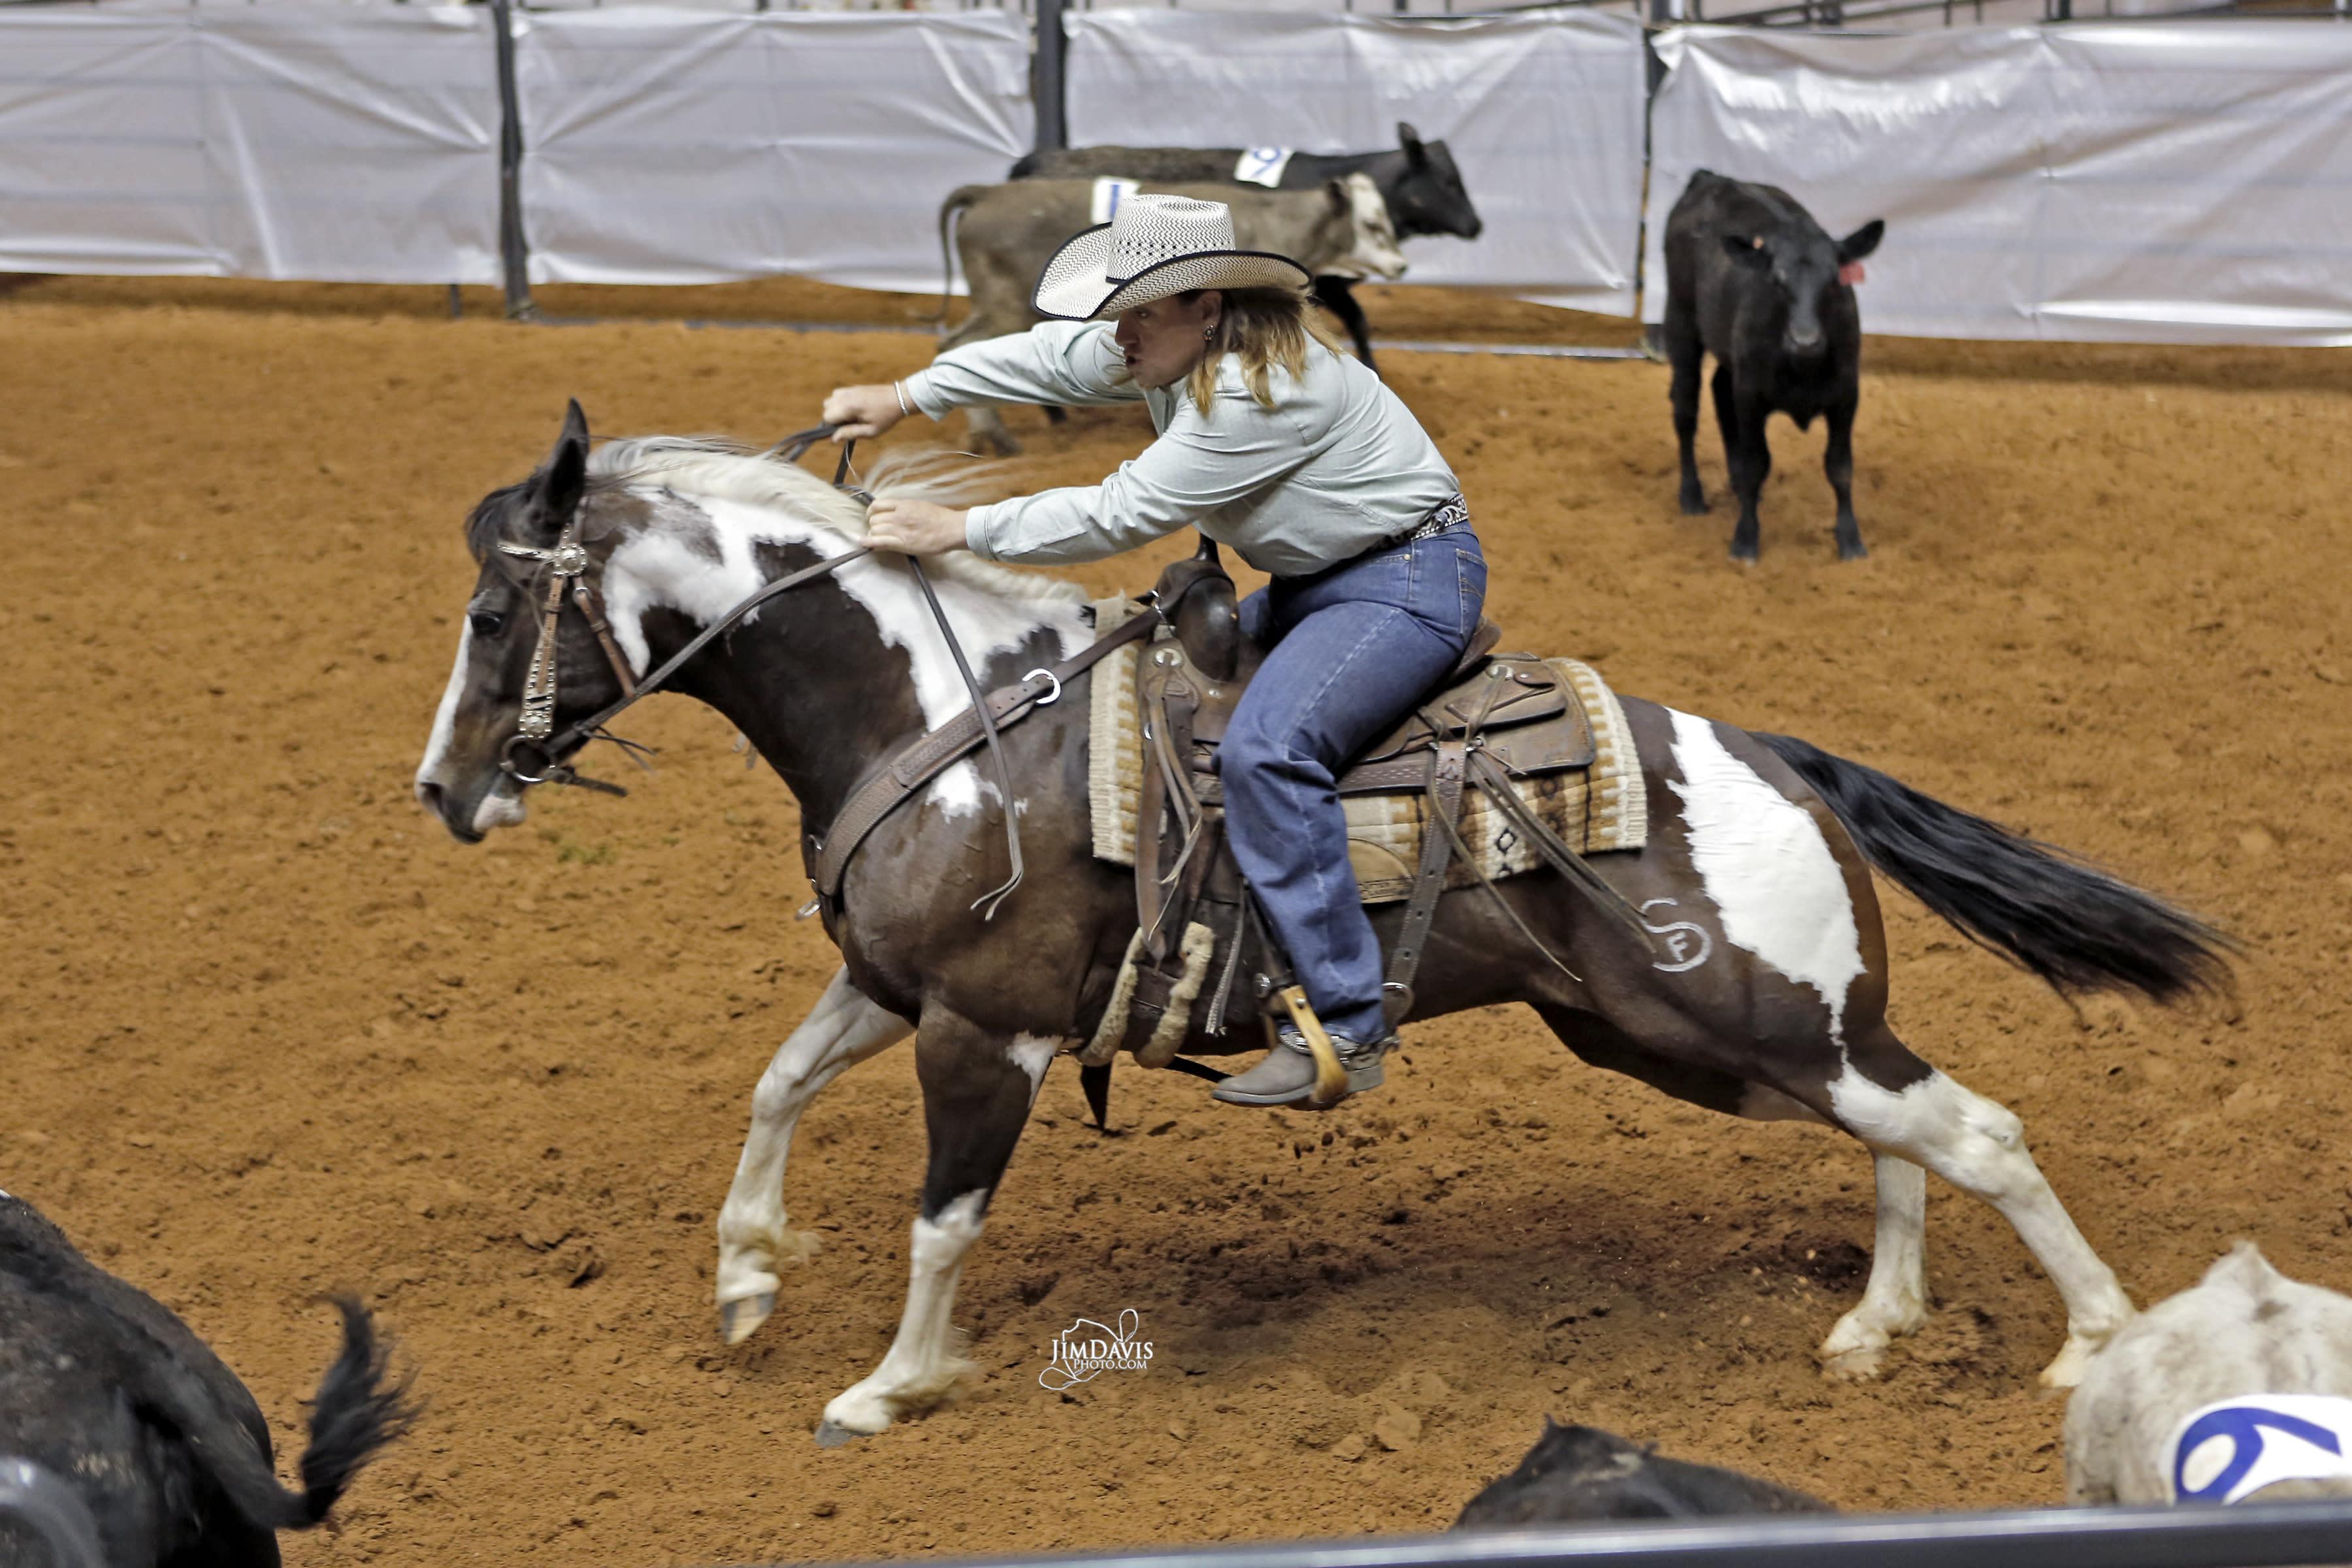 Ranch Sorting National Championships World Finals